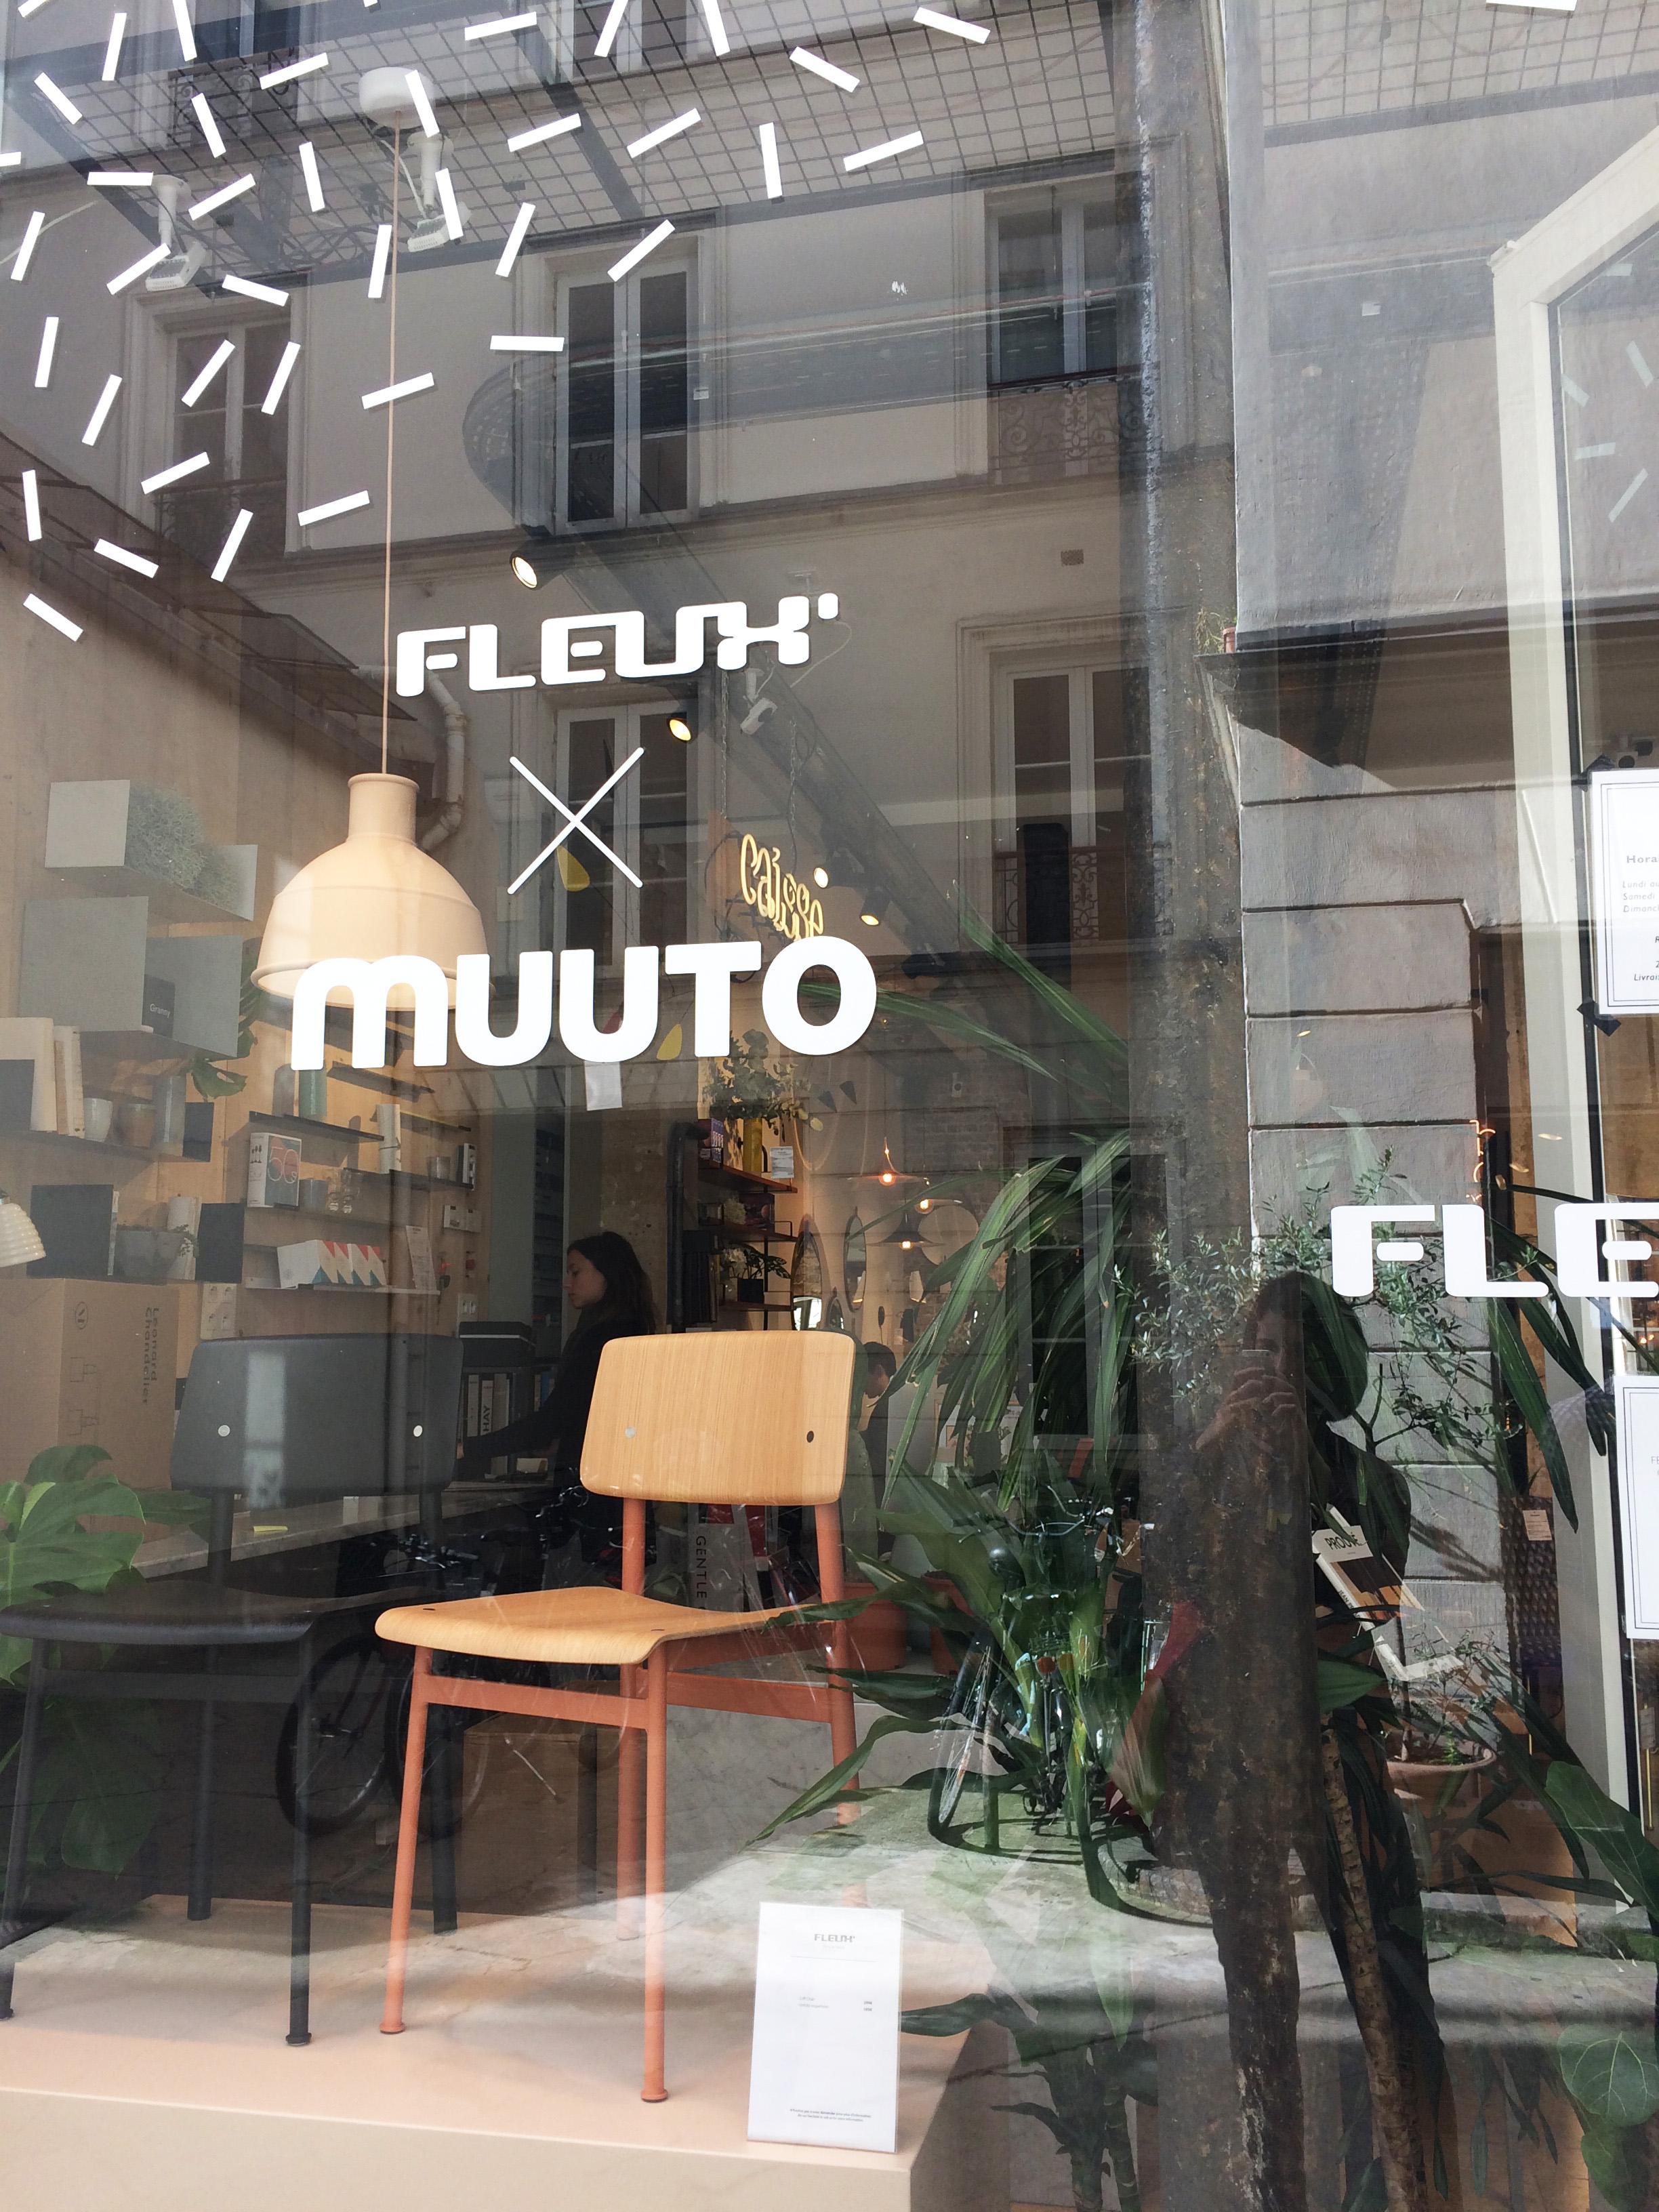 fleux concept store Top Interior Stores In Paris Worth Visiting in 2018 authentic interior